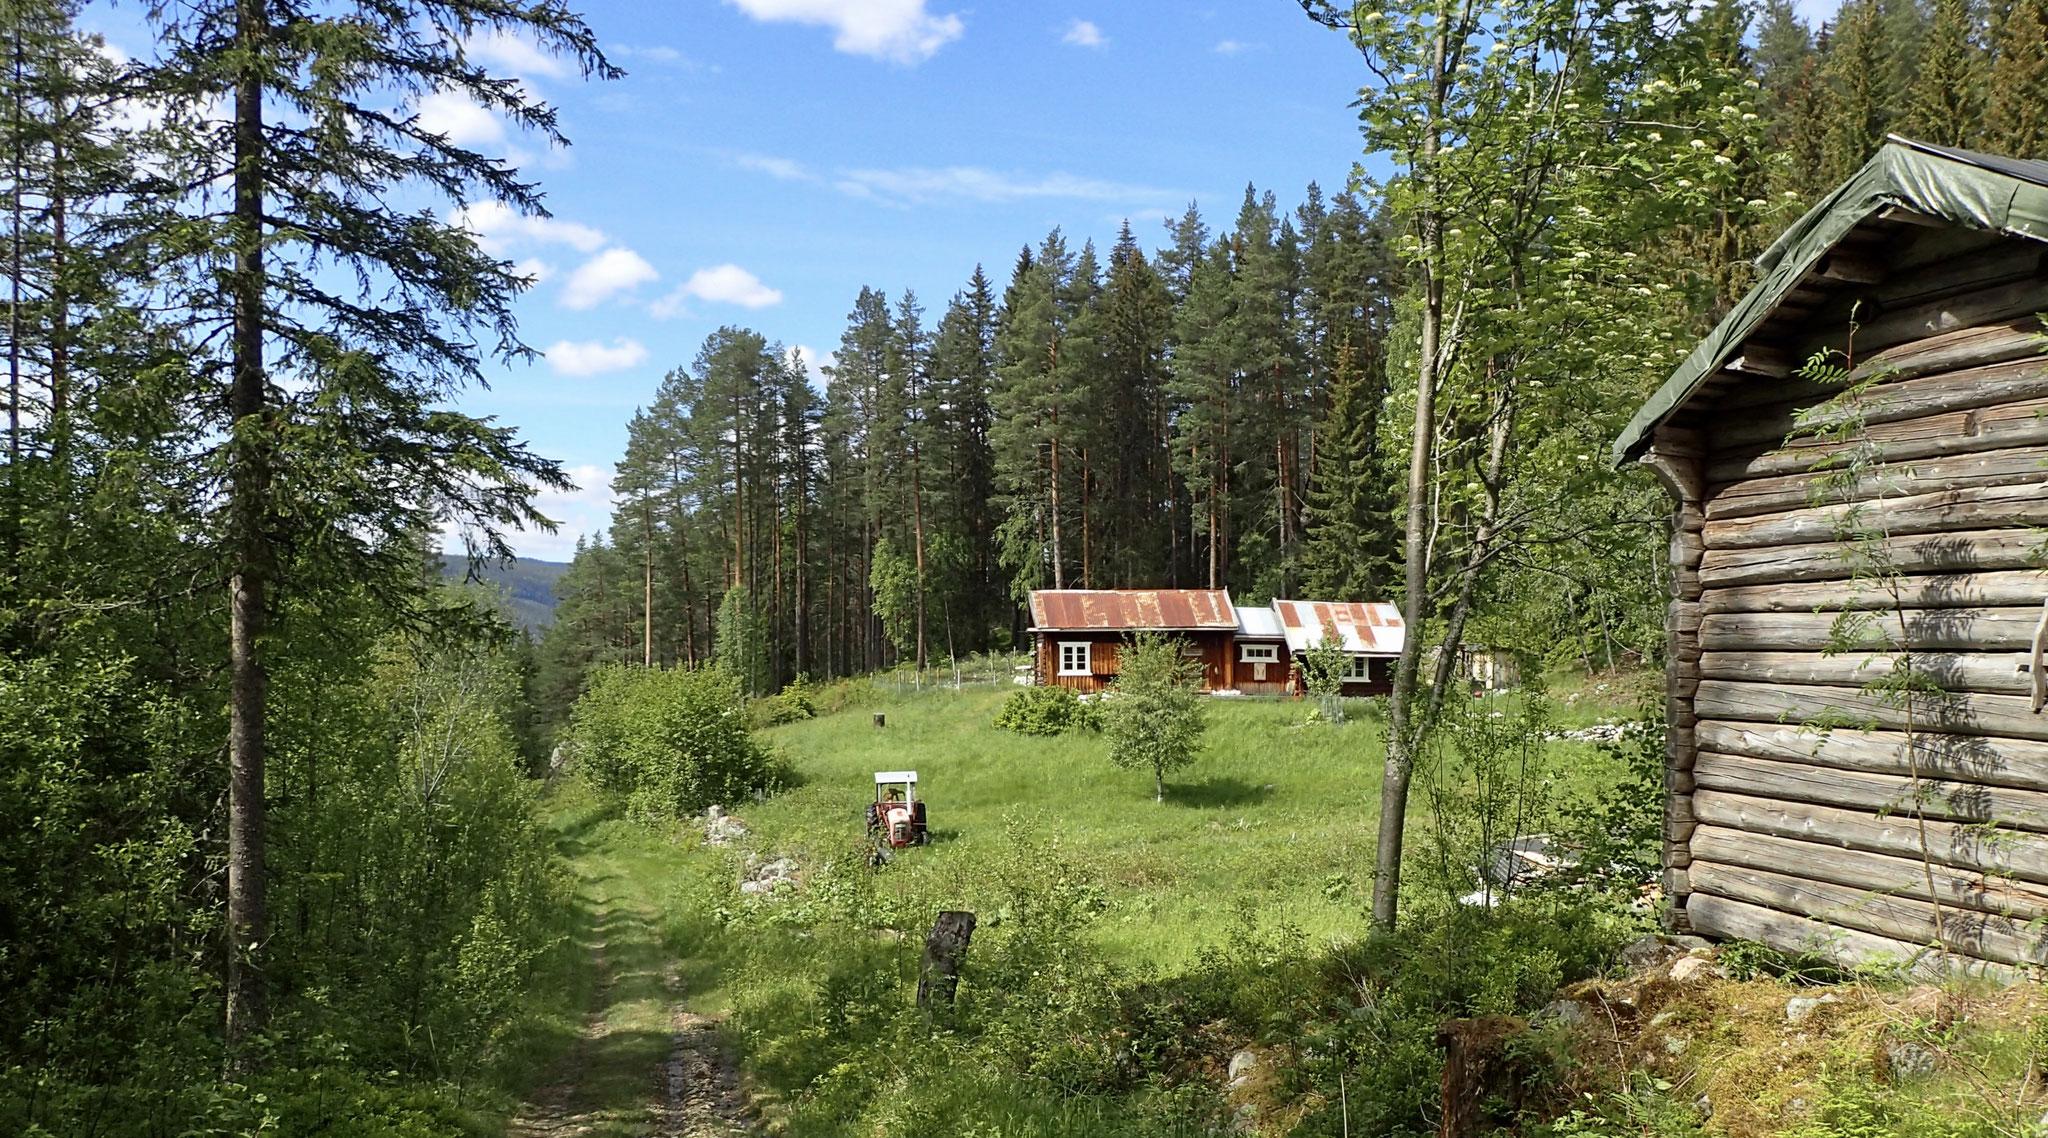 Lislerudkåsa, ehemals direkt an der Hauptstrasse, heute verlassen im Nirgendwo